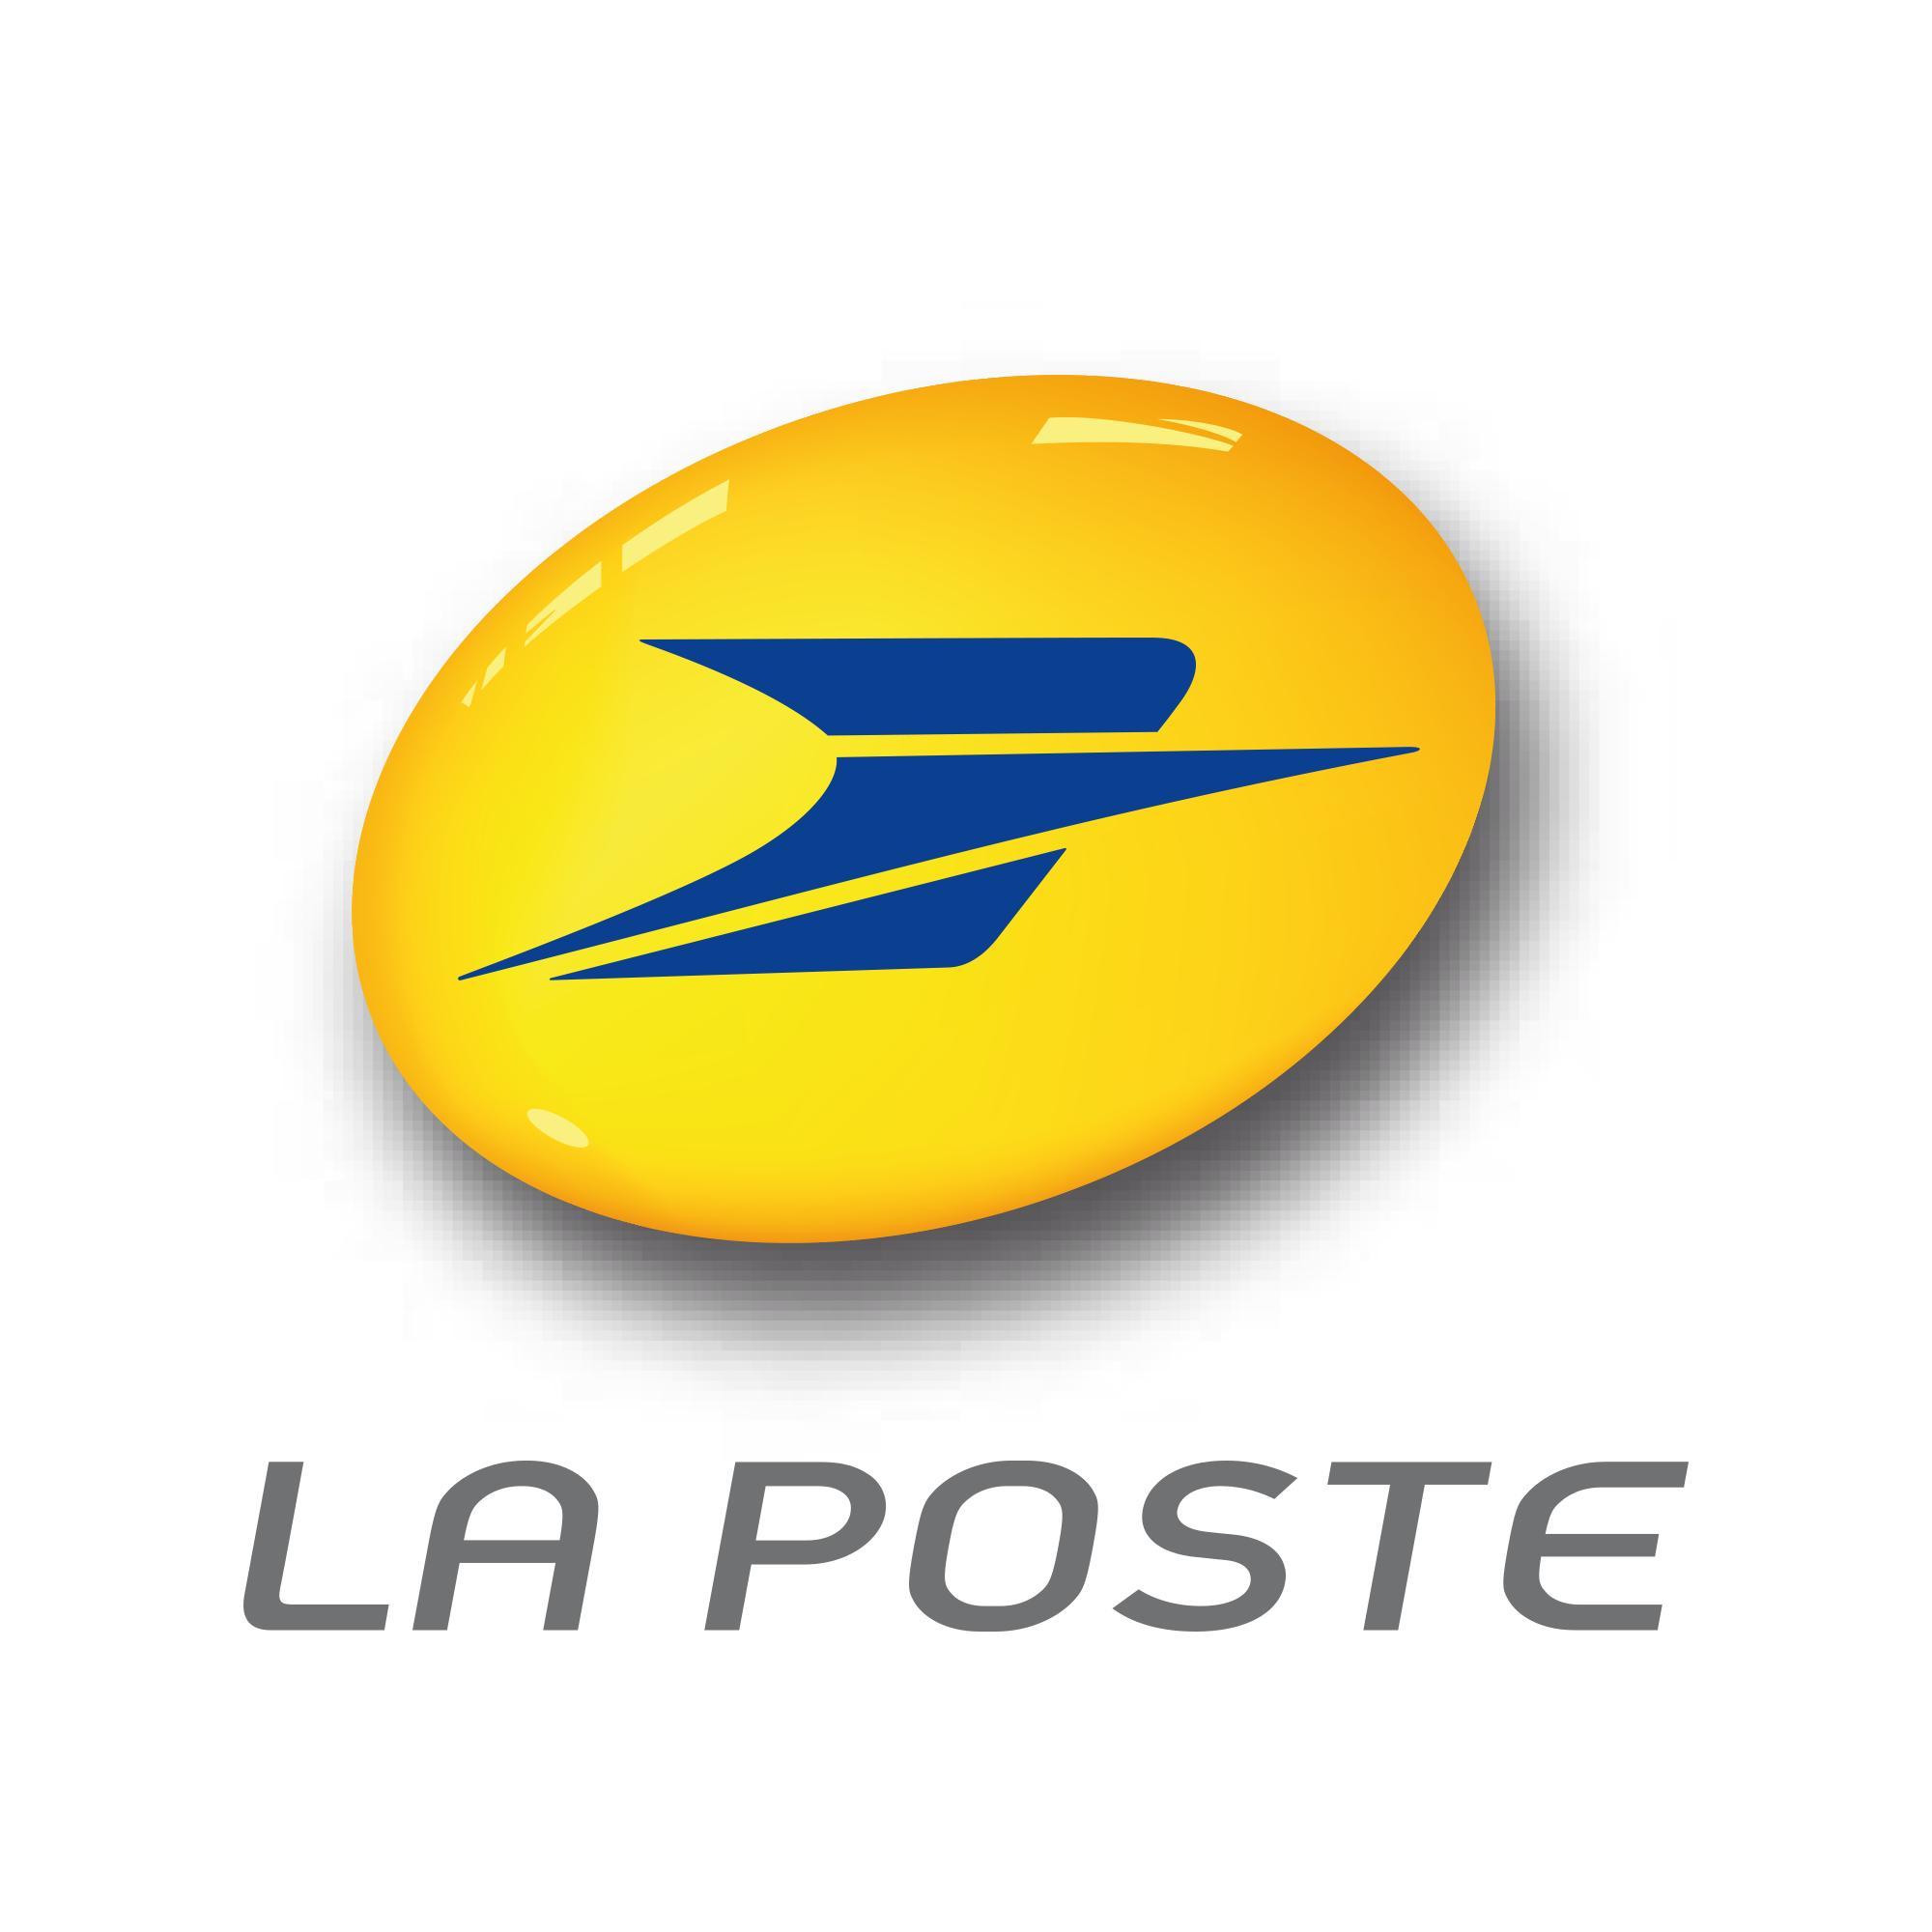 [Clients Banque Postale] Forfait mobile mensuel 2h d'appel + SMS/MMS Illimités + 5 Go de Data, à vie (sans engagement)